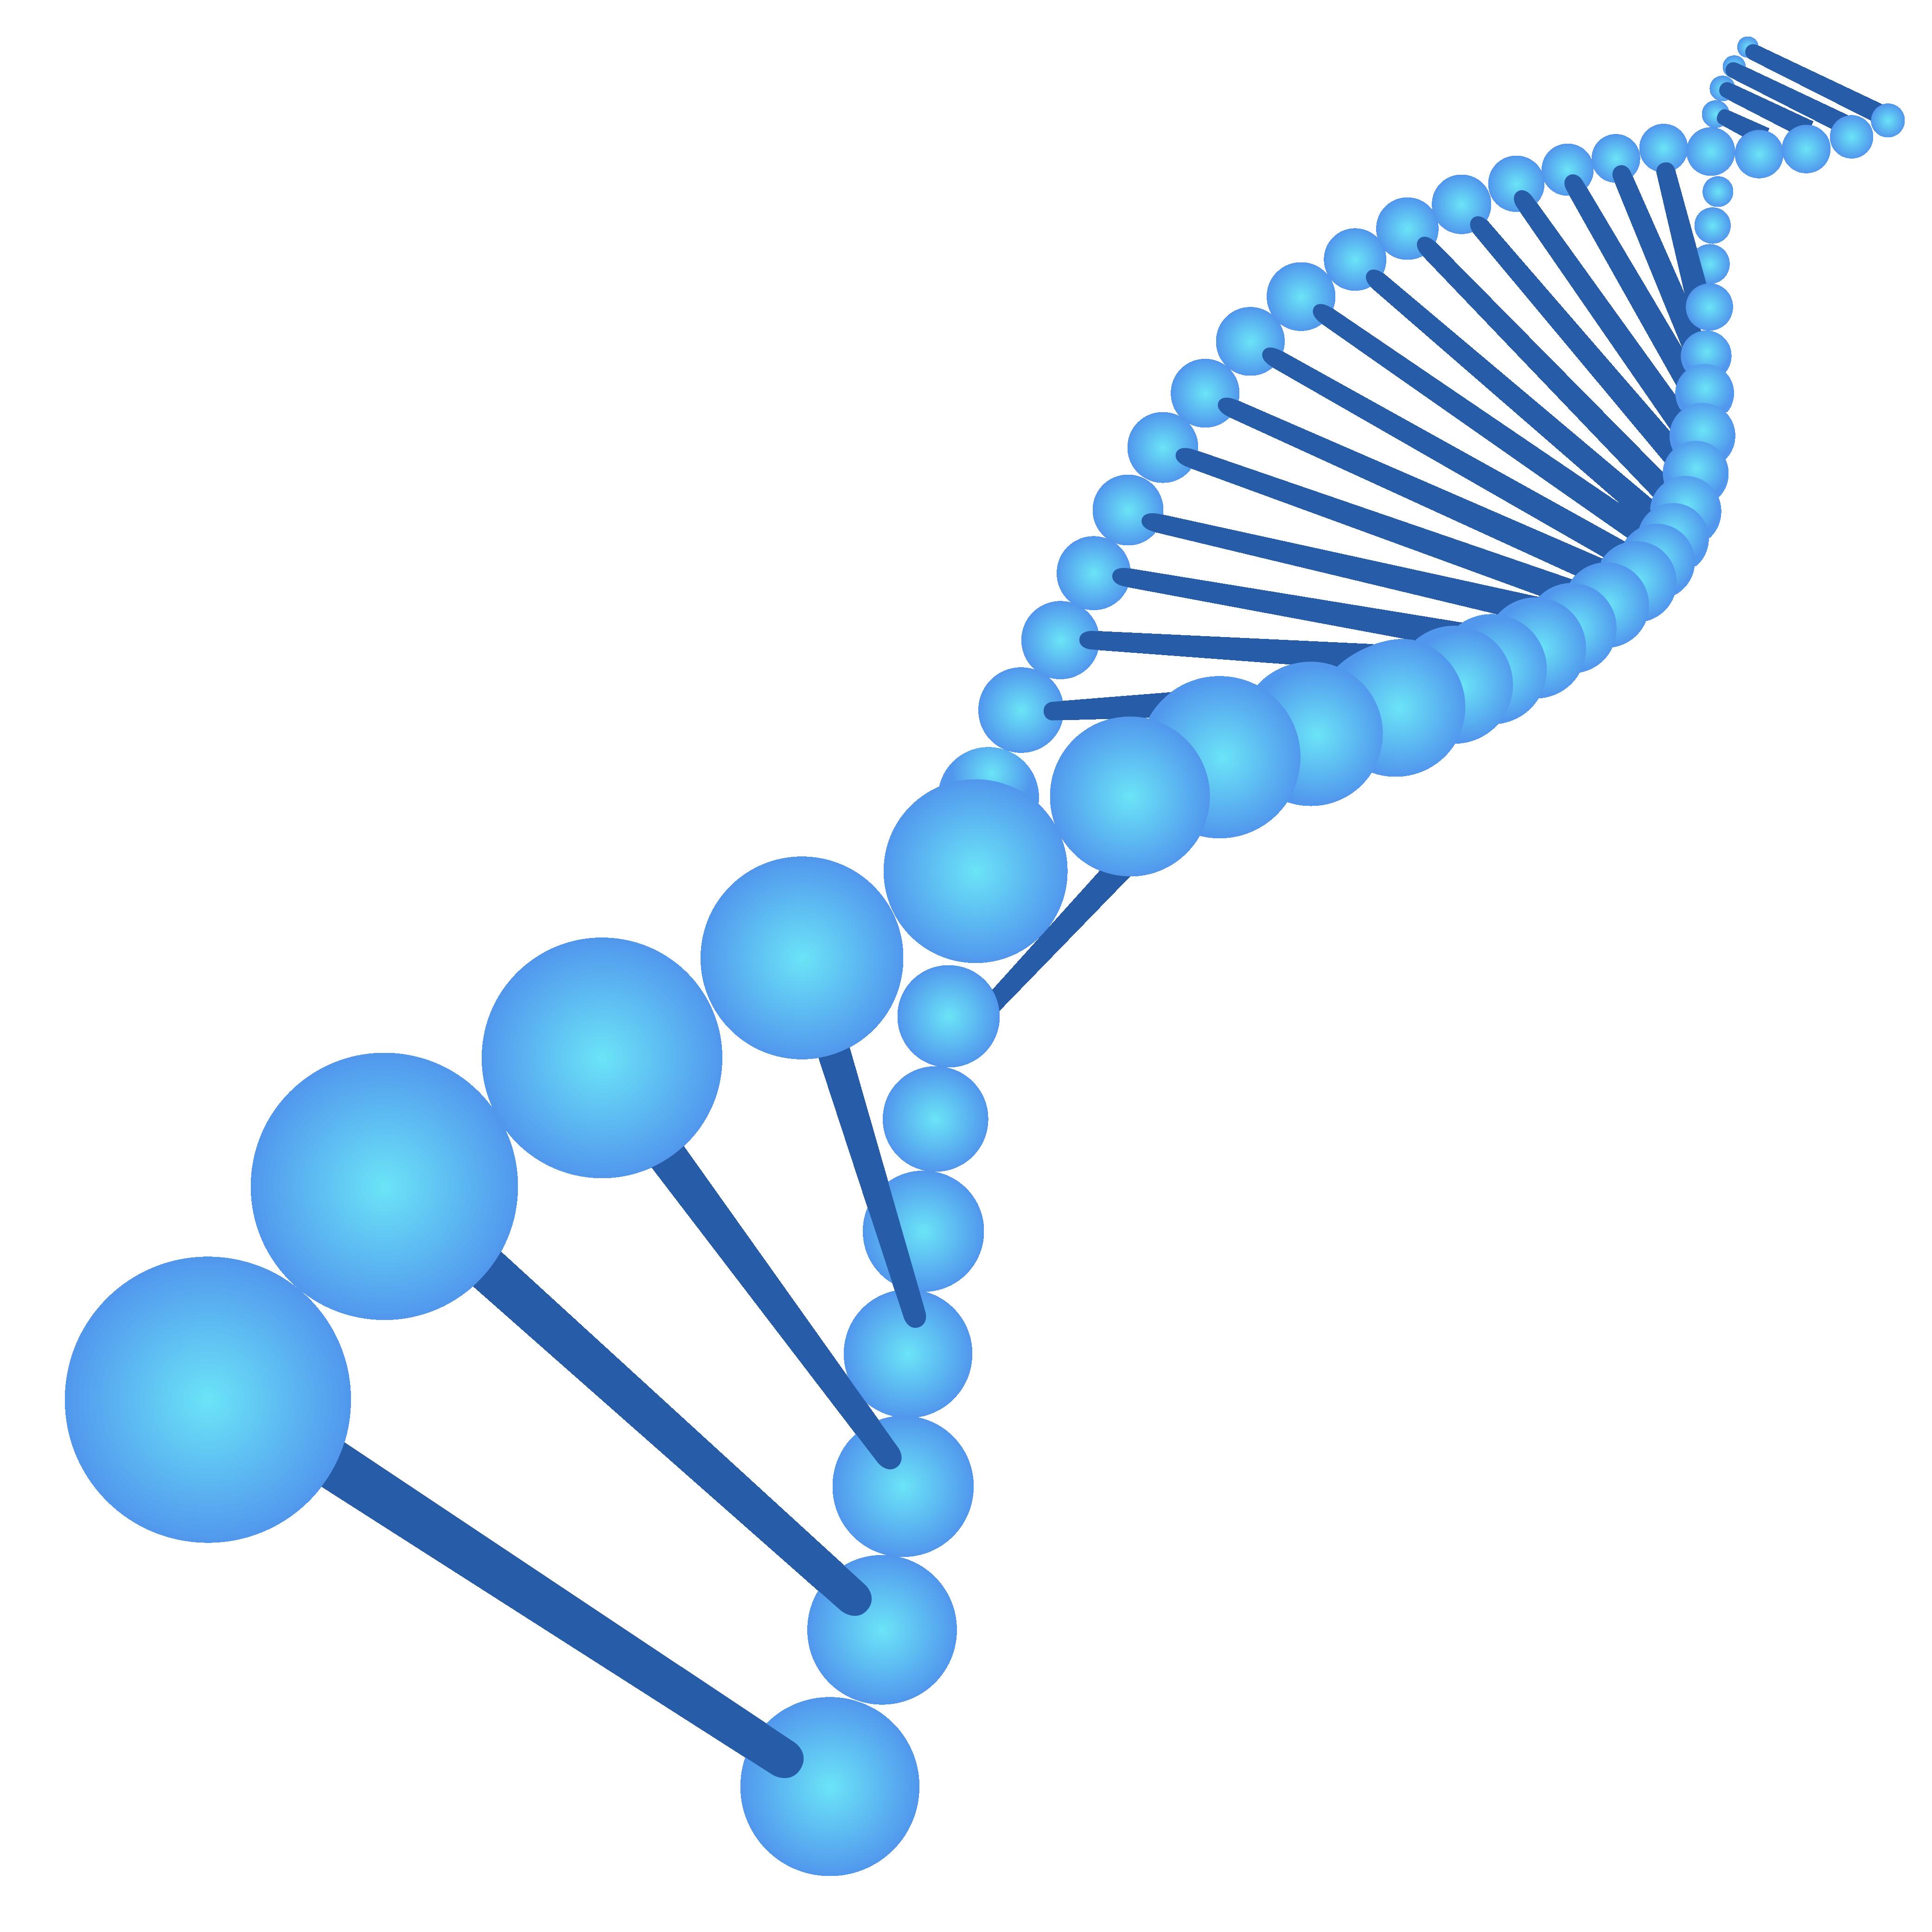 基因、质粒、载体万种现货。